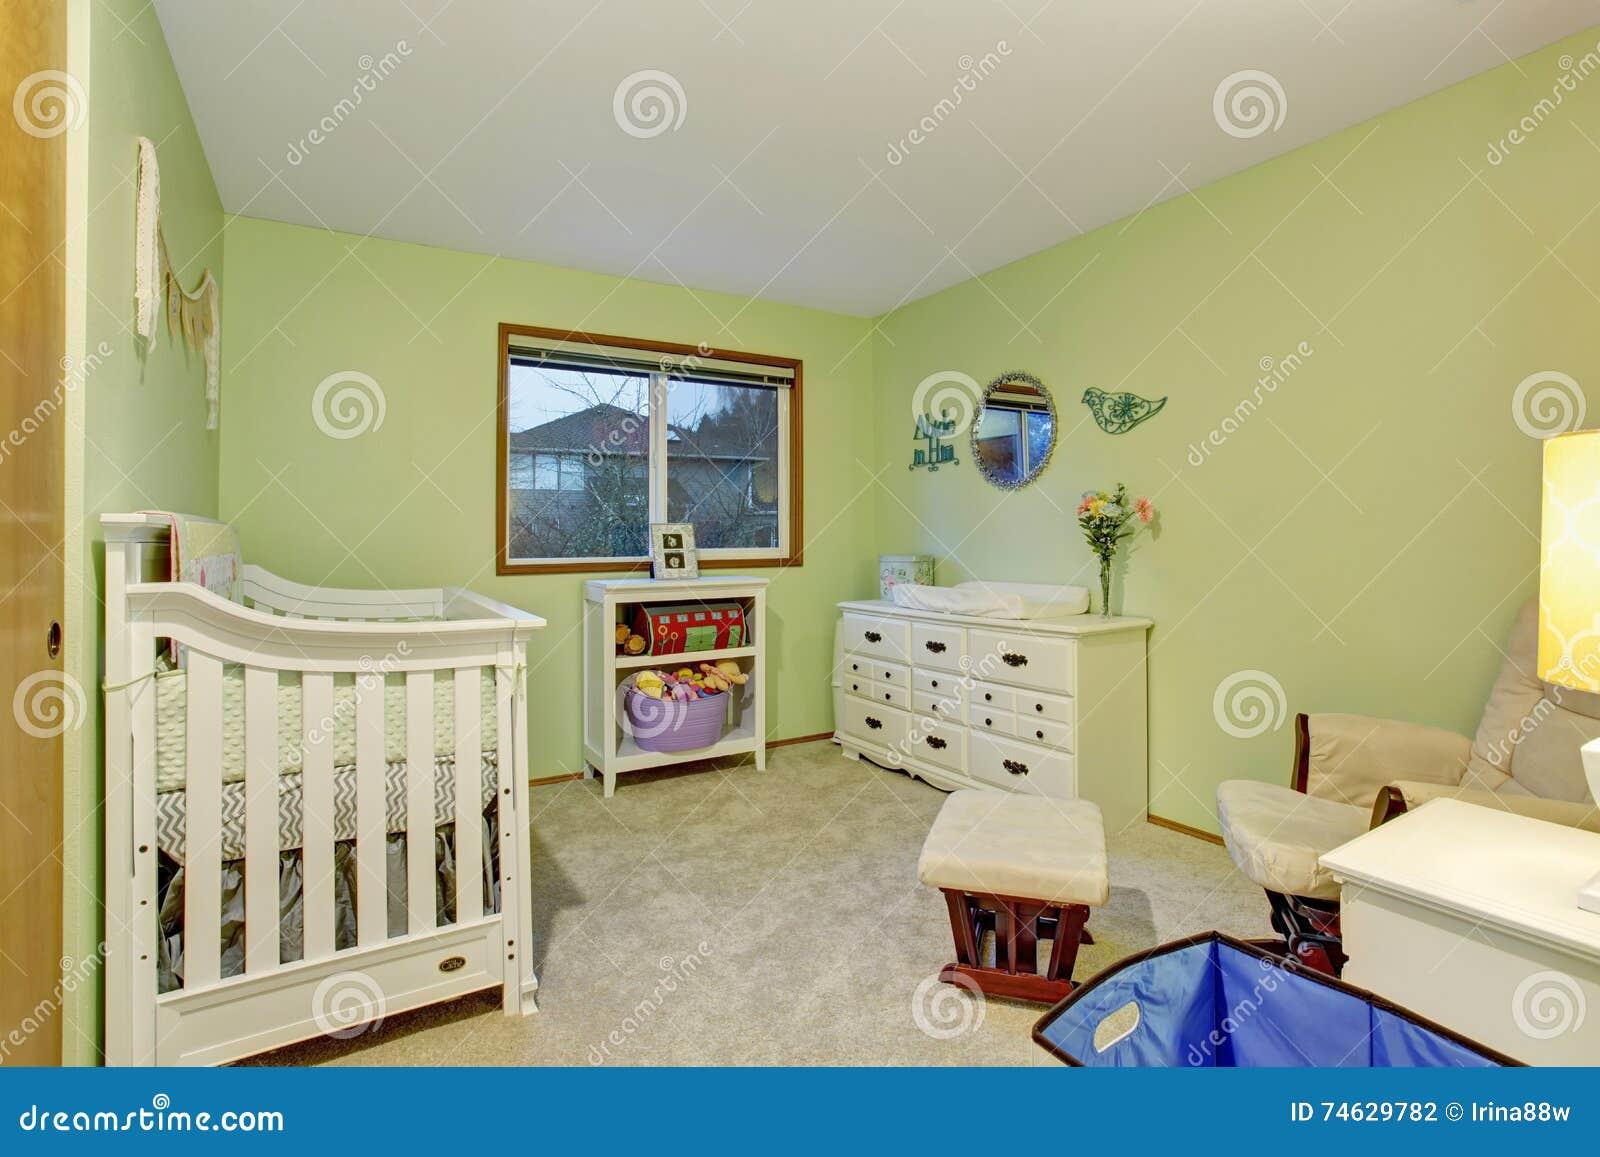 Pareti Dipinte Per Camere Da Letto.La Camera Da Letto Dei Bambini Con Mobilia Bianca E Verde Ha Dipinto